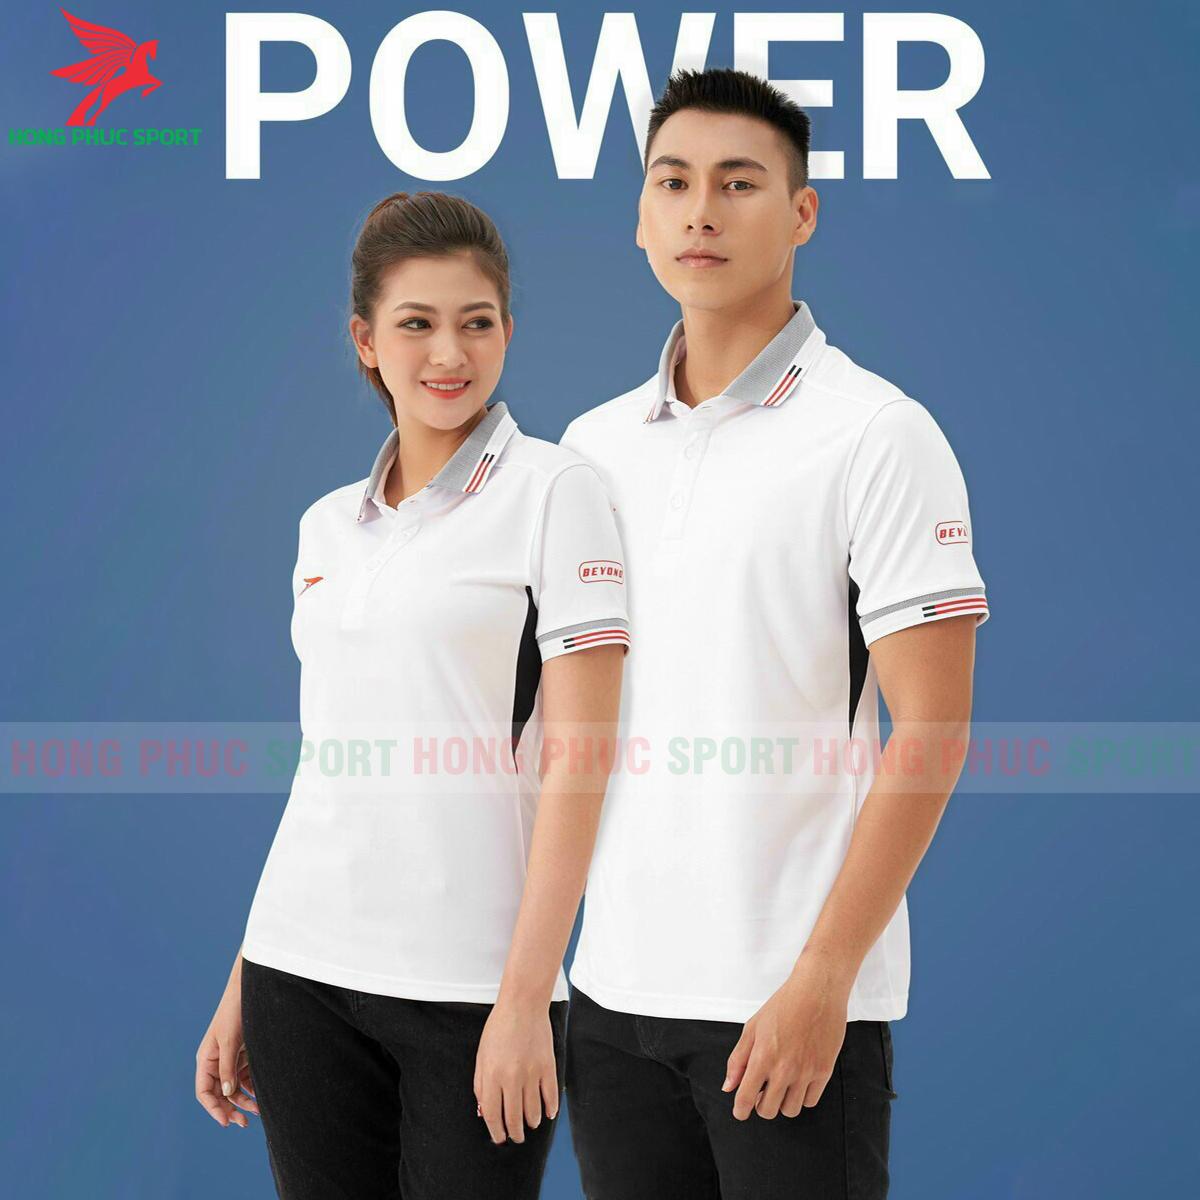 https://cdn.hongphucsport.com/unsafe/s4.shopbay.vn/files/285/ao-polo-beyono-power-2021-mau-trang-609de9d545d0c.png